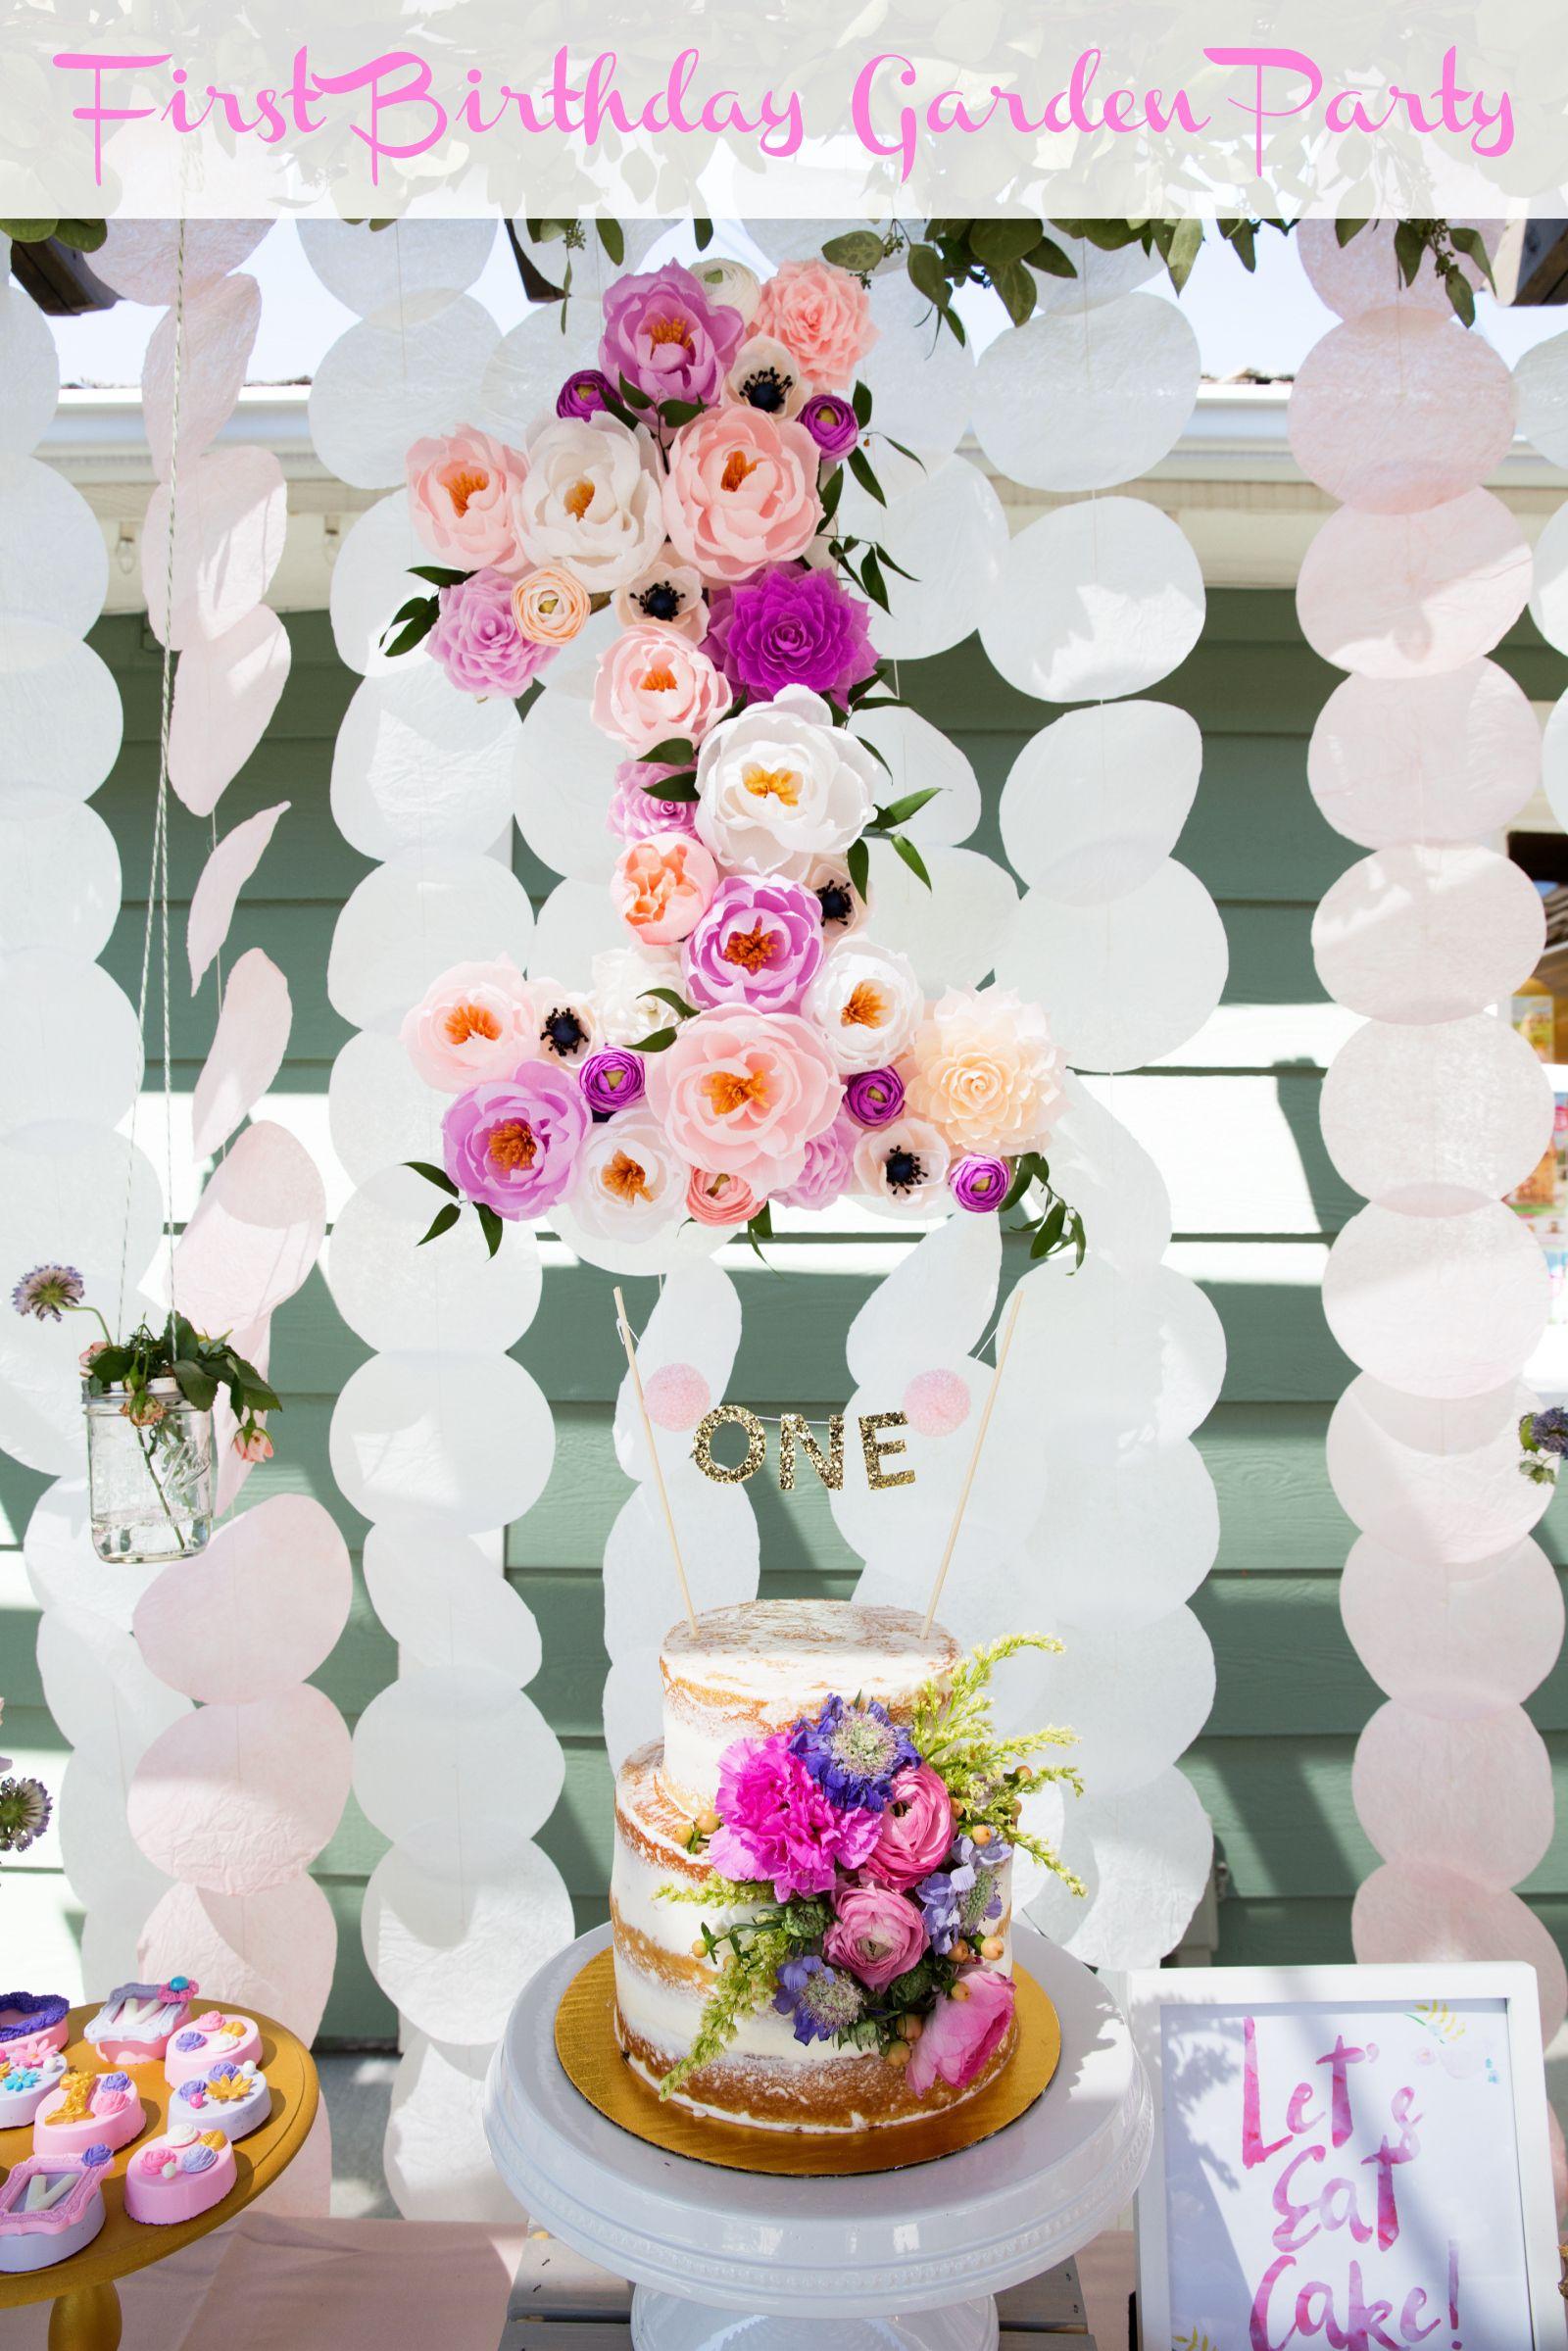 Vivians Garden 1st Birthday Party Dessert Table Birthdays And